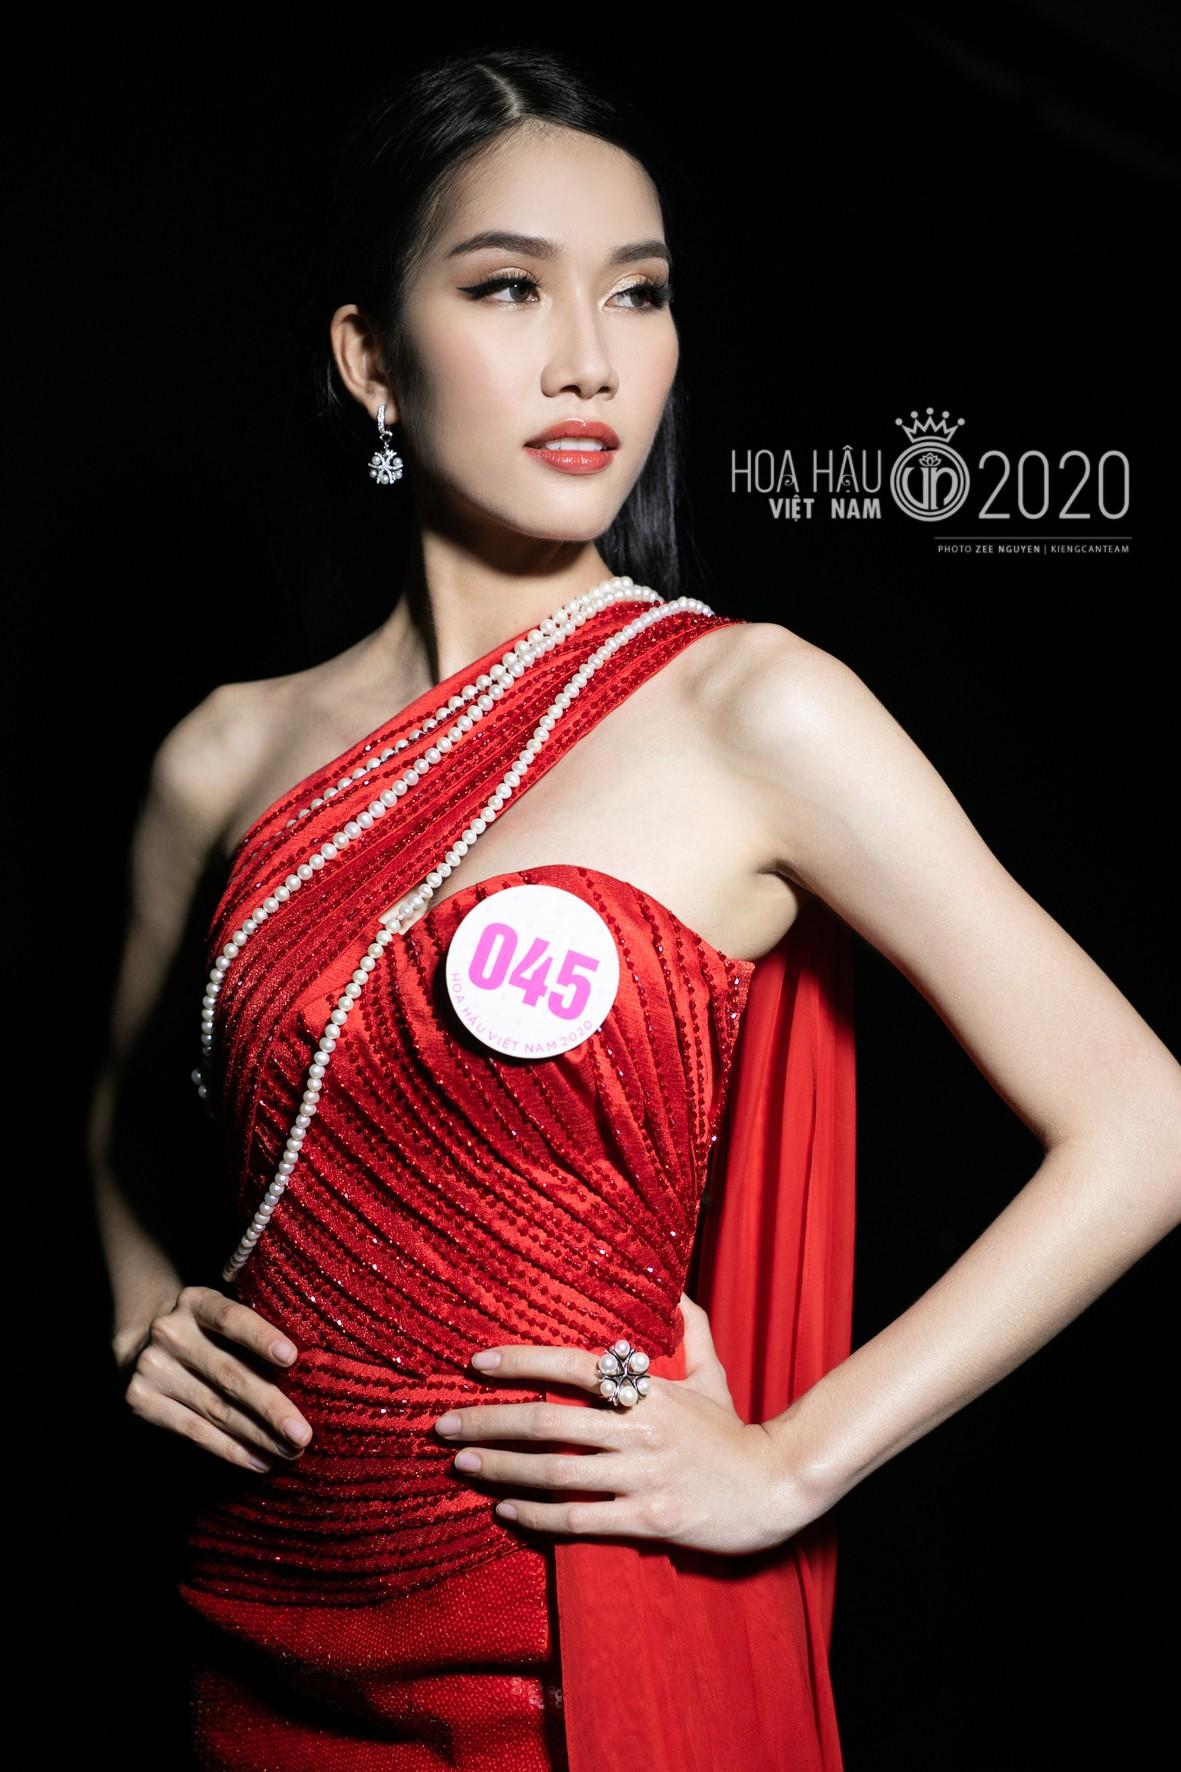 Hé lộ loạt ảnh hậu trường chung kết xinh đẹp của Hoa hậu Đỗ Thị Hà và các thí sinh ảnh 6